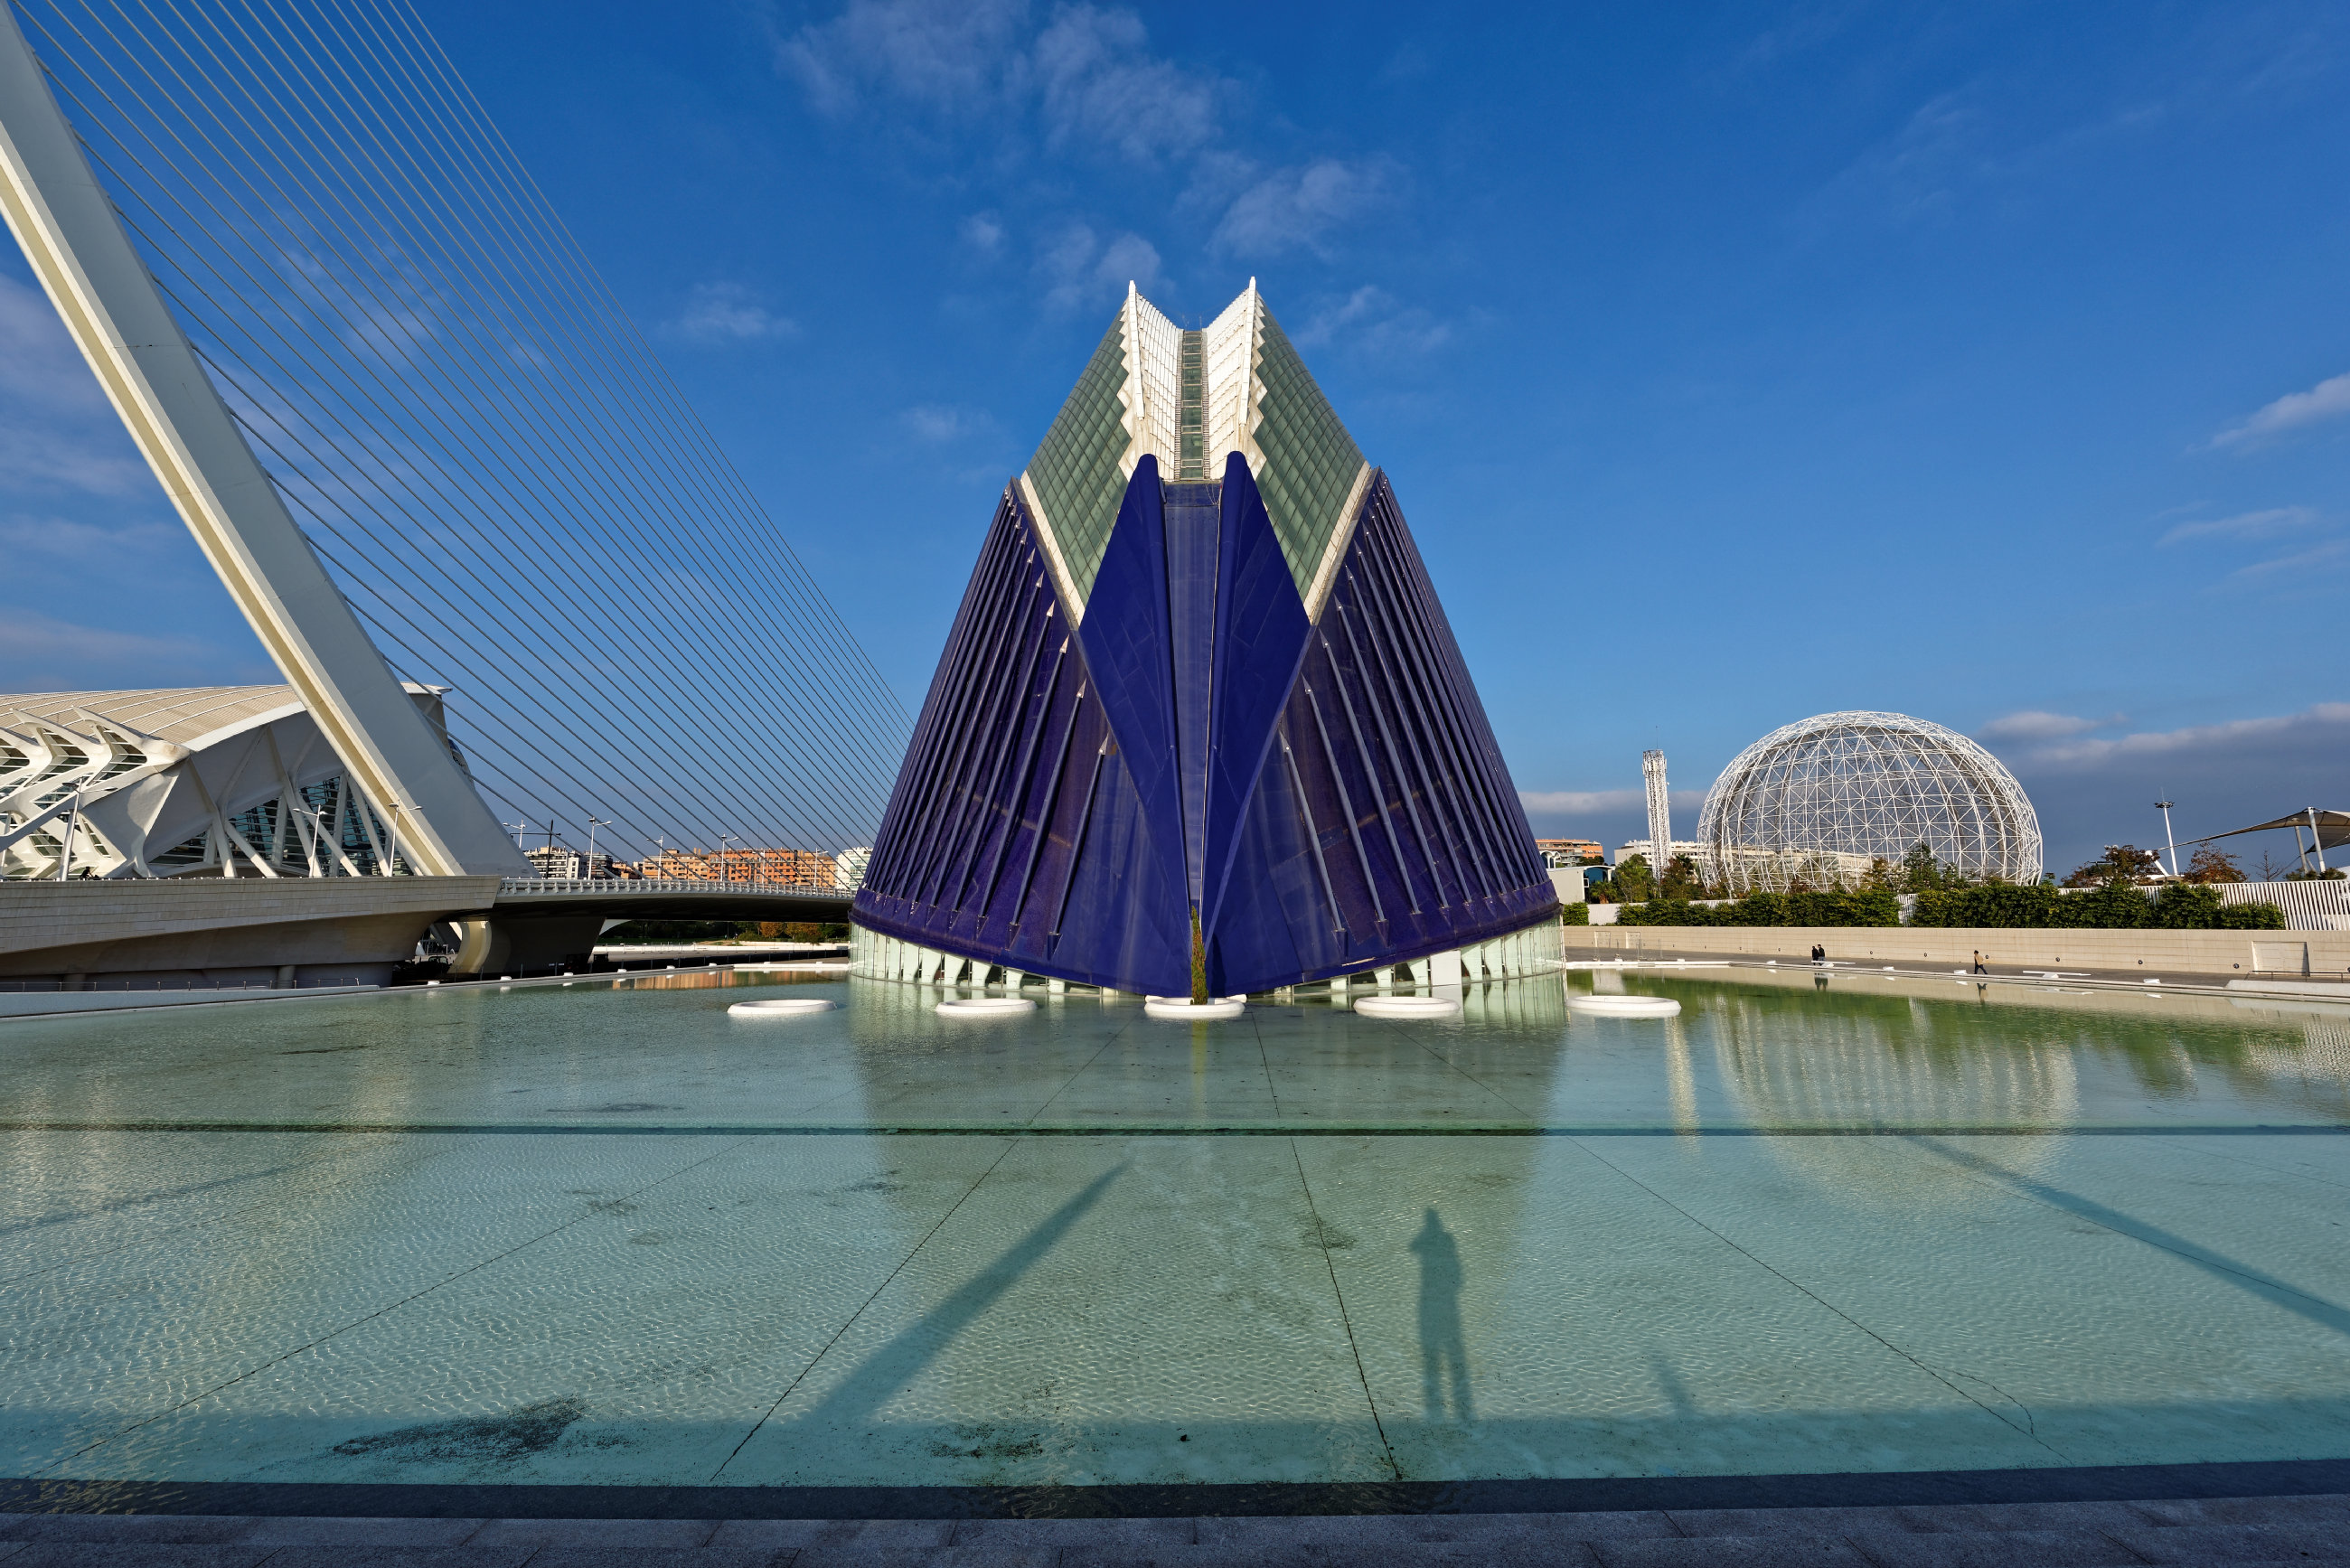 151112-Valencia (49)_1